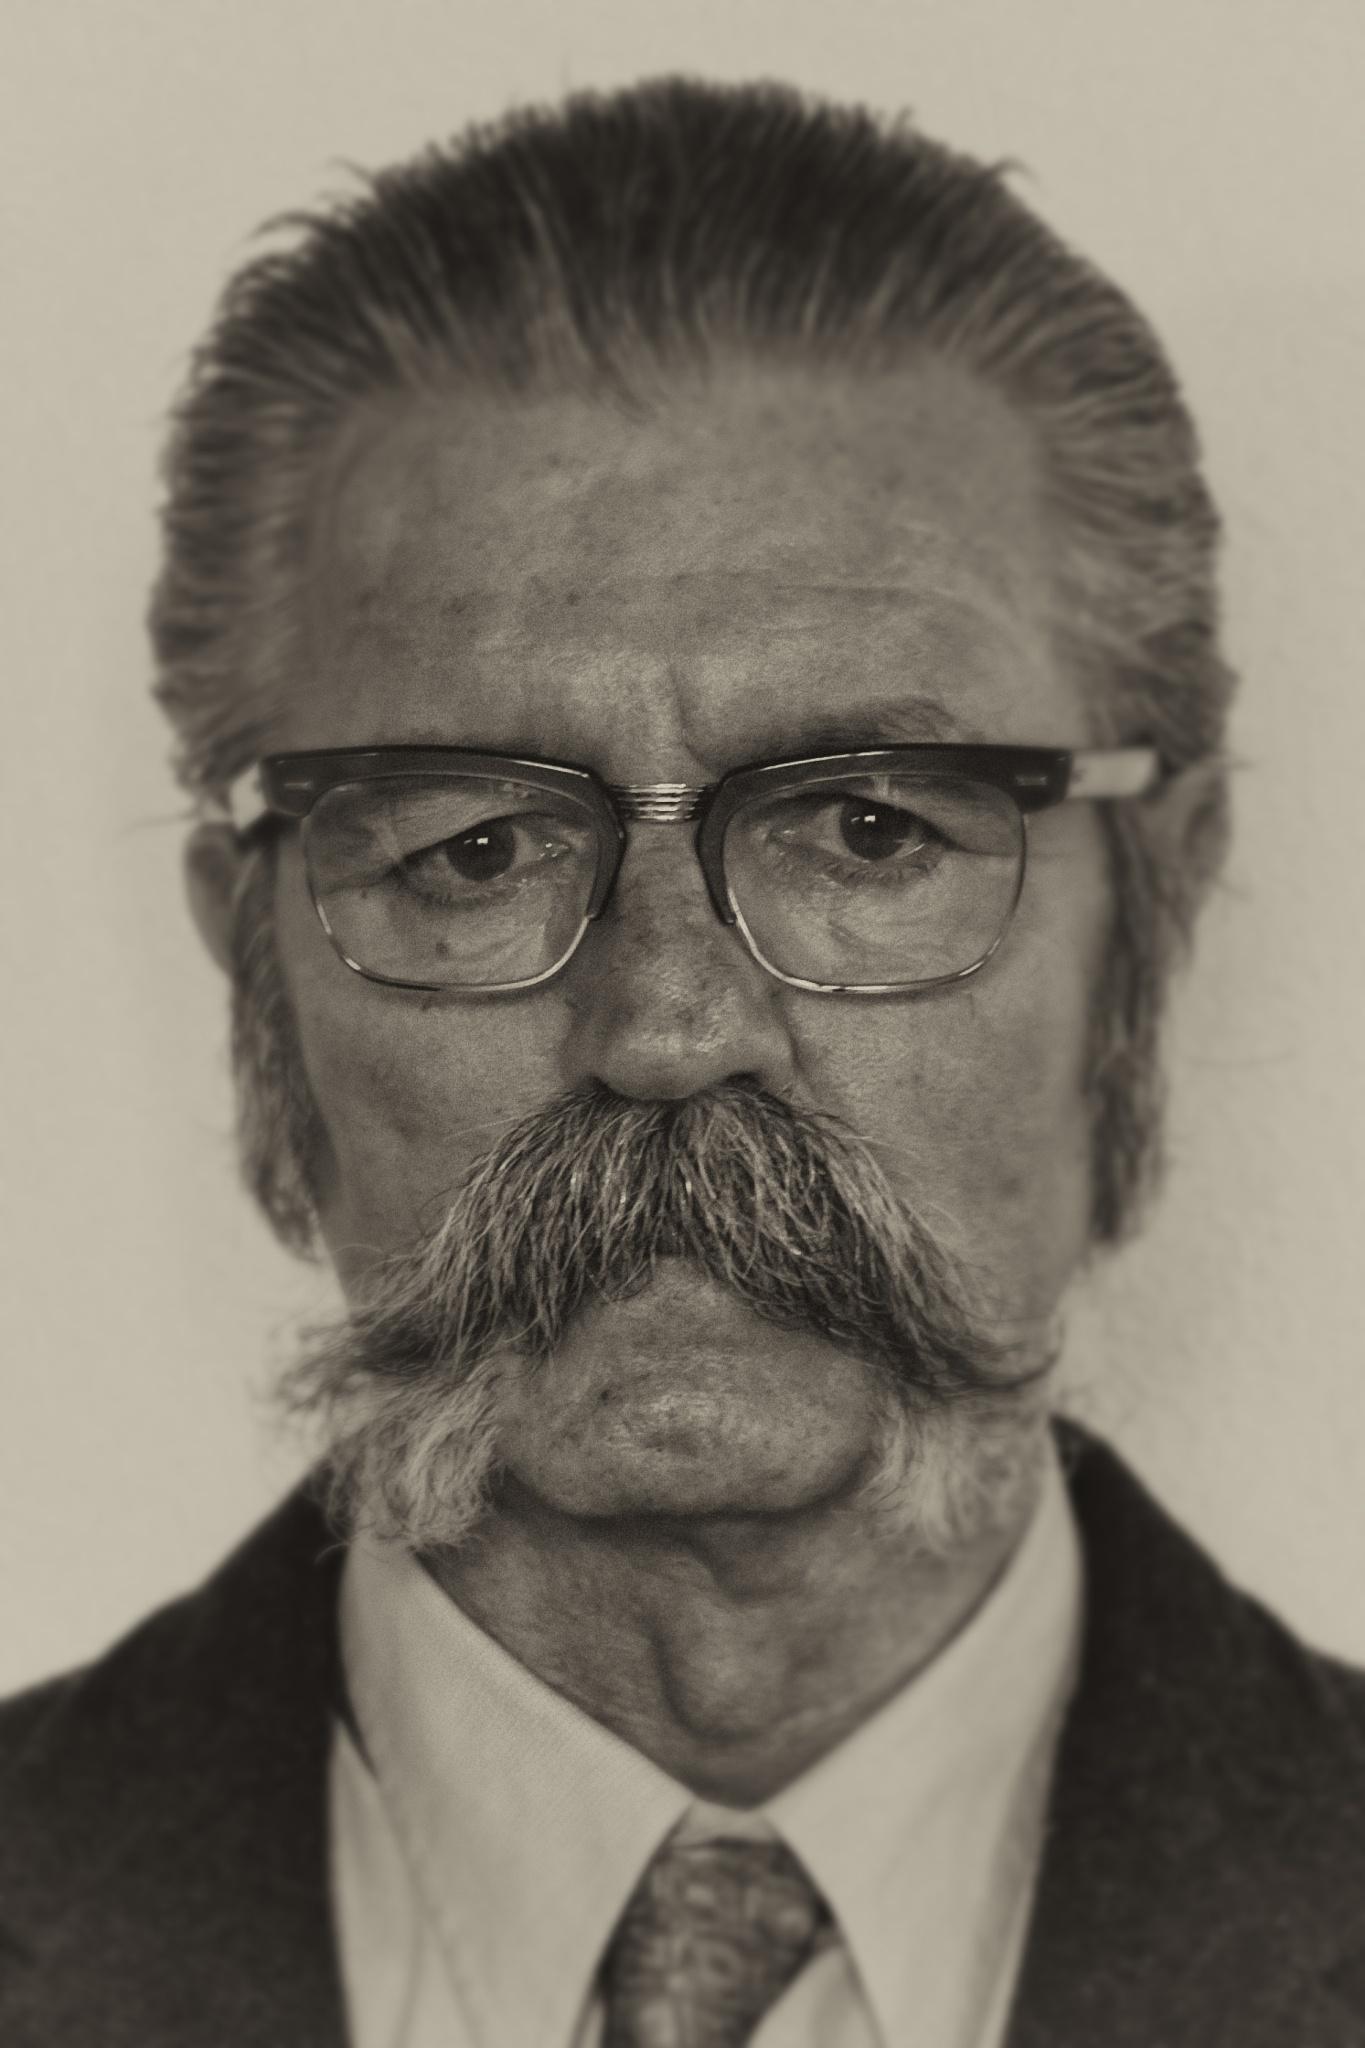 Serious look by JoseVerstegen